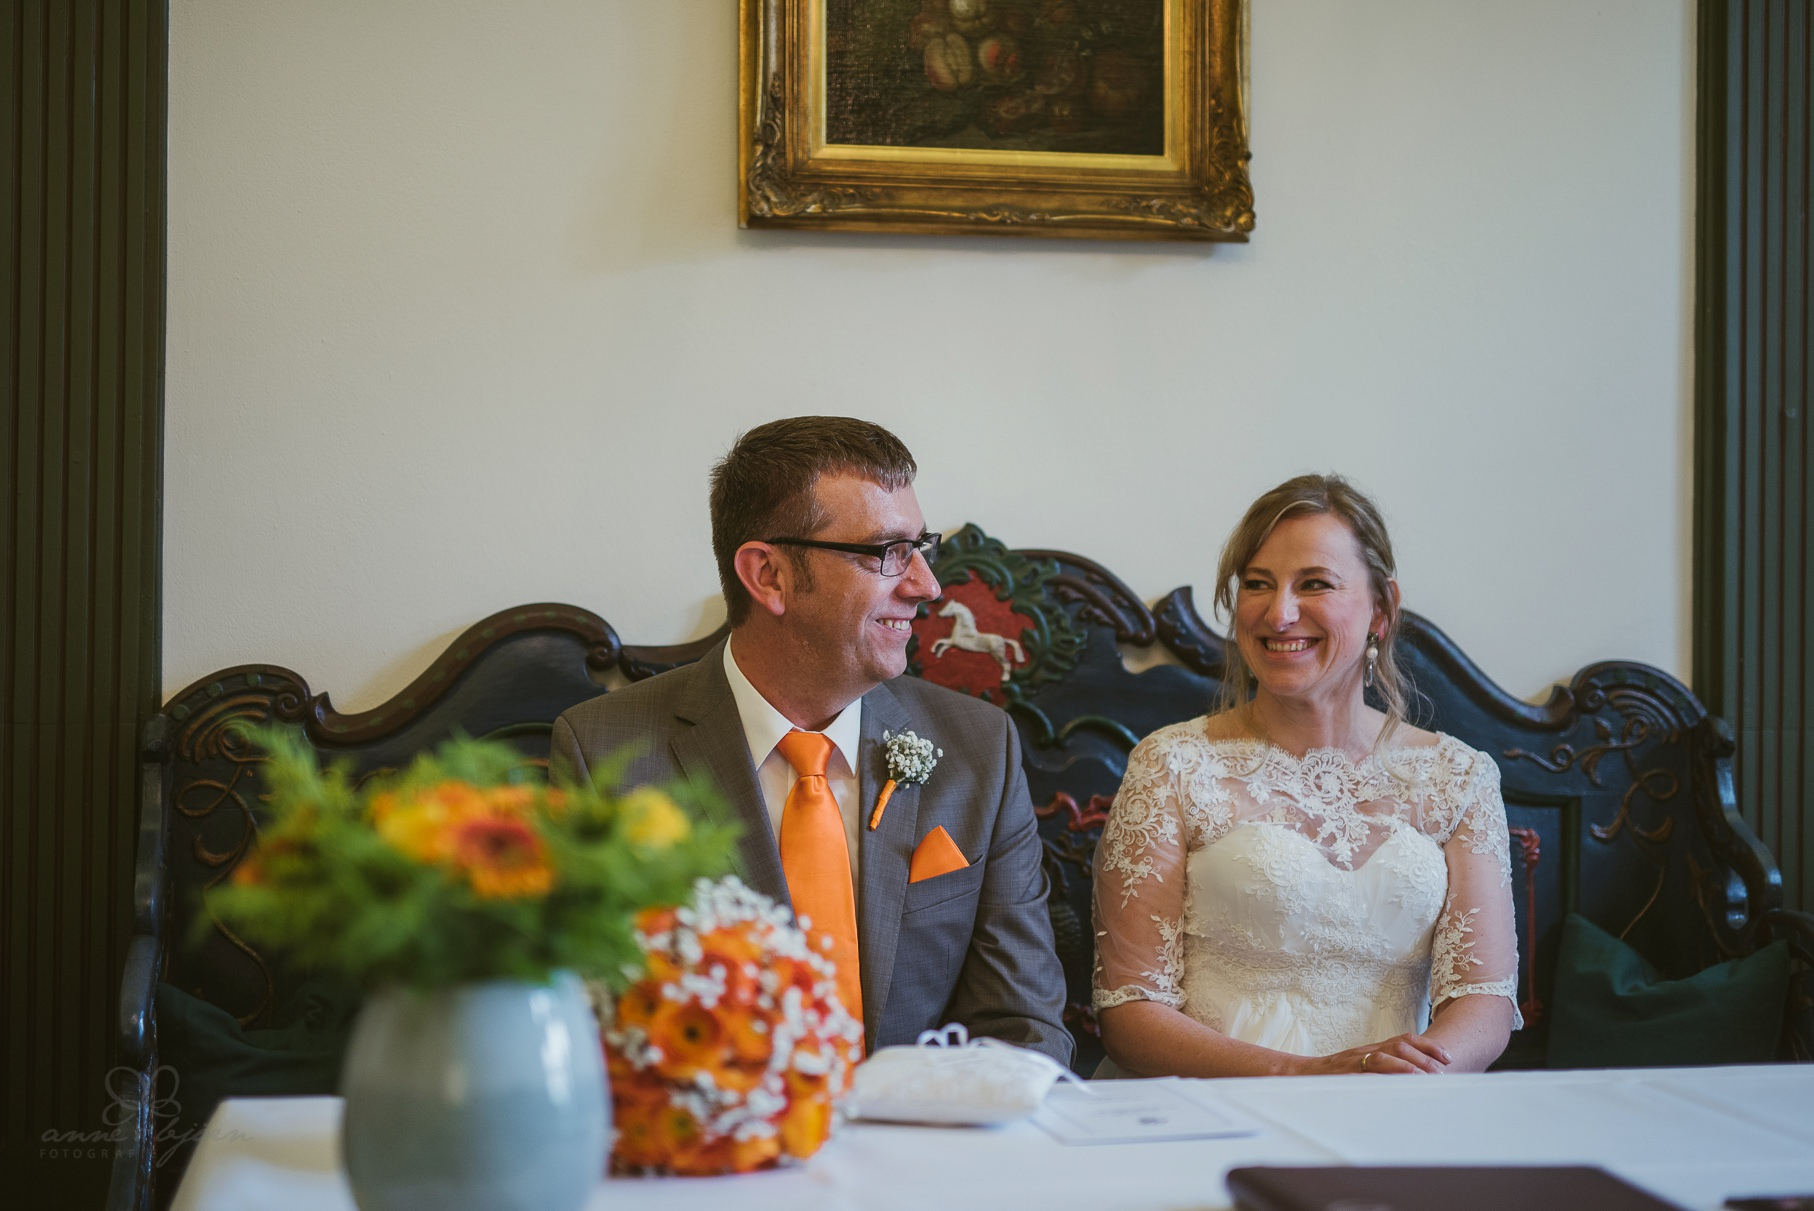 0058 anne und bjoern Manu und Sven 811 9414 1 - DIY Hochzeit im Erdhaus auf dem alten Land - Manuela & Sven